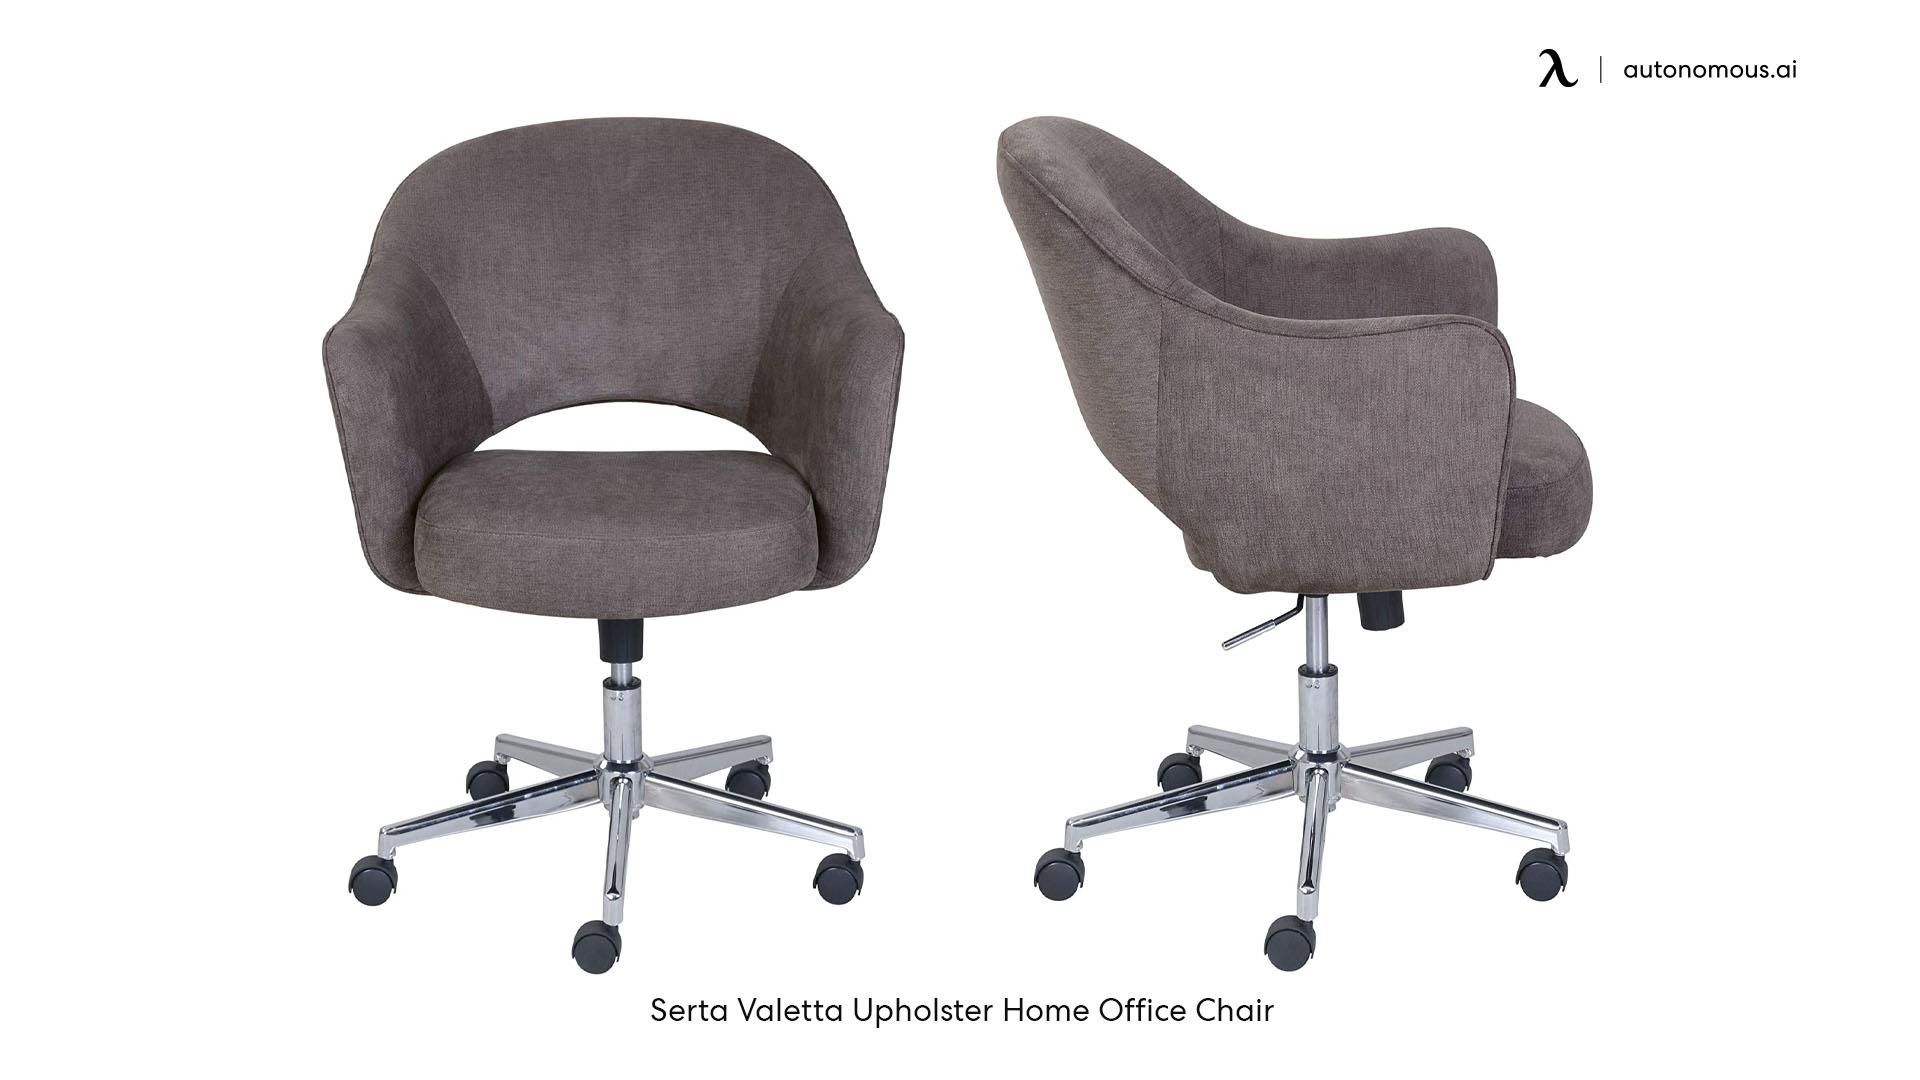 Serta Valetta Upholster Home Office Chair